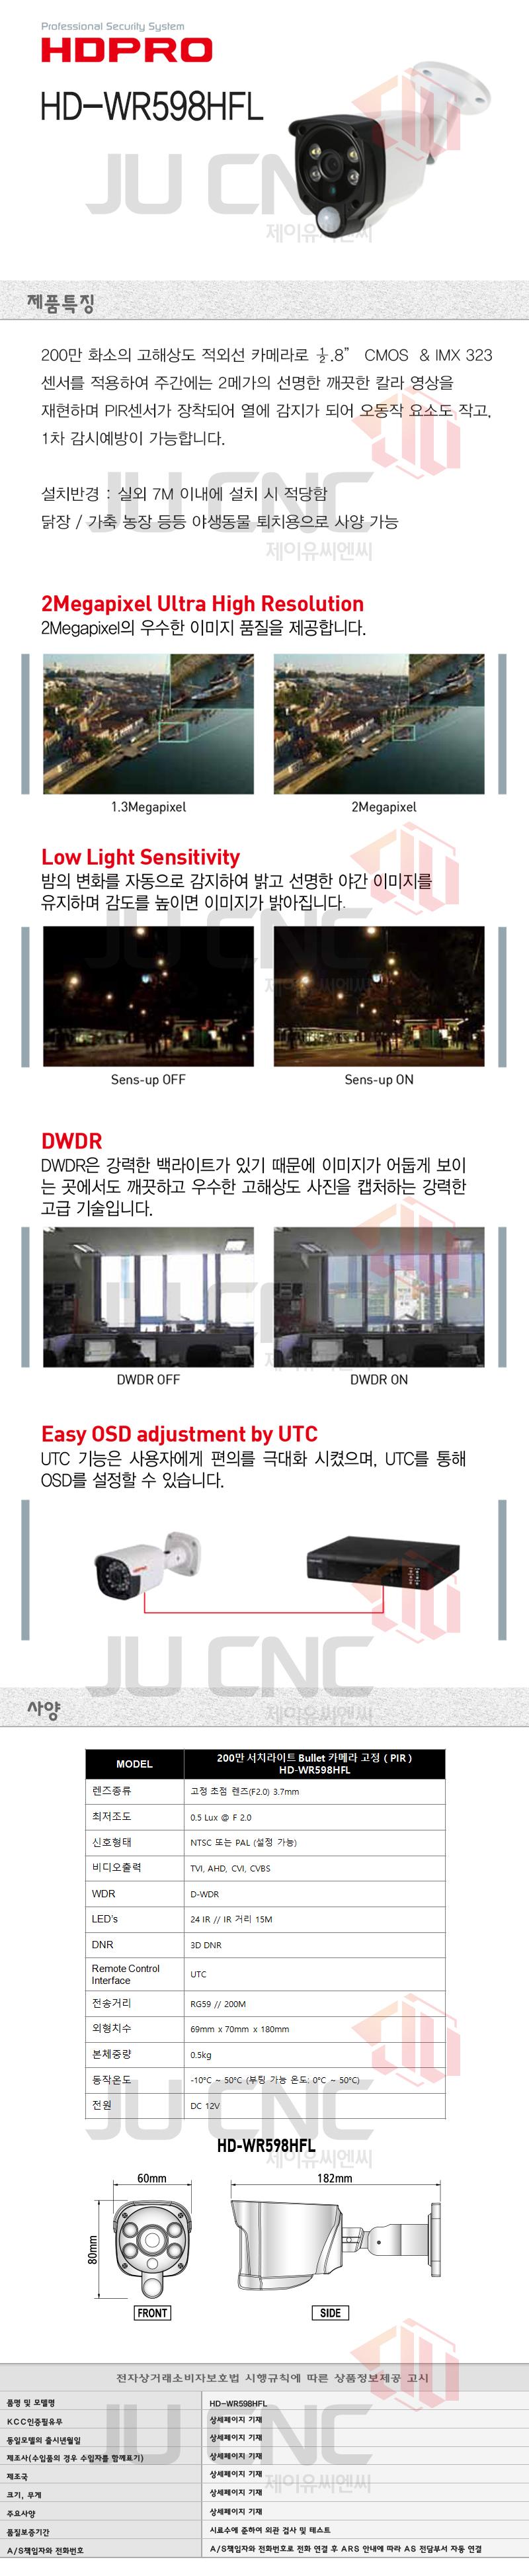 HD-WR598HFL.jpg